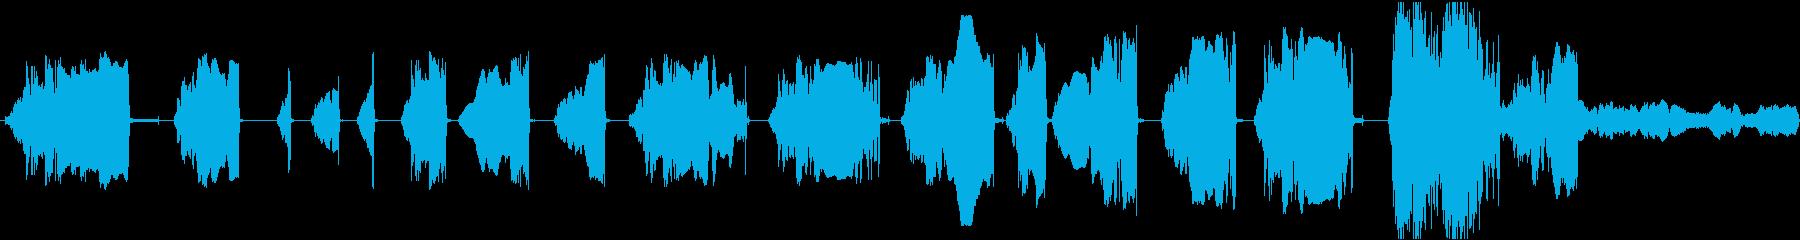 低空間摩擦音調の音、ゆっくりとした...の再生済みの波形